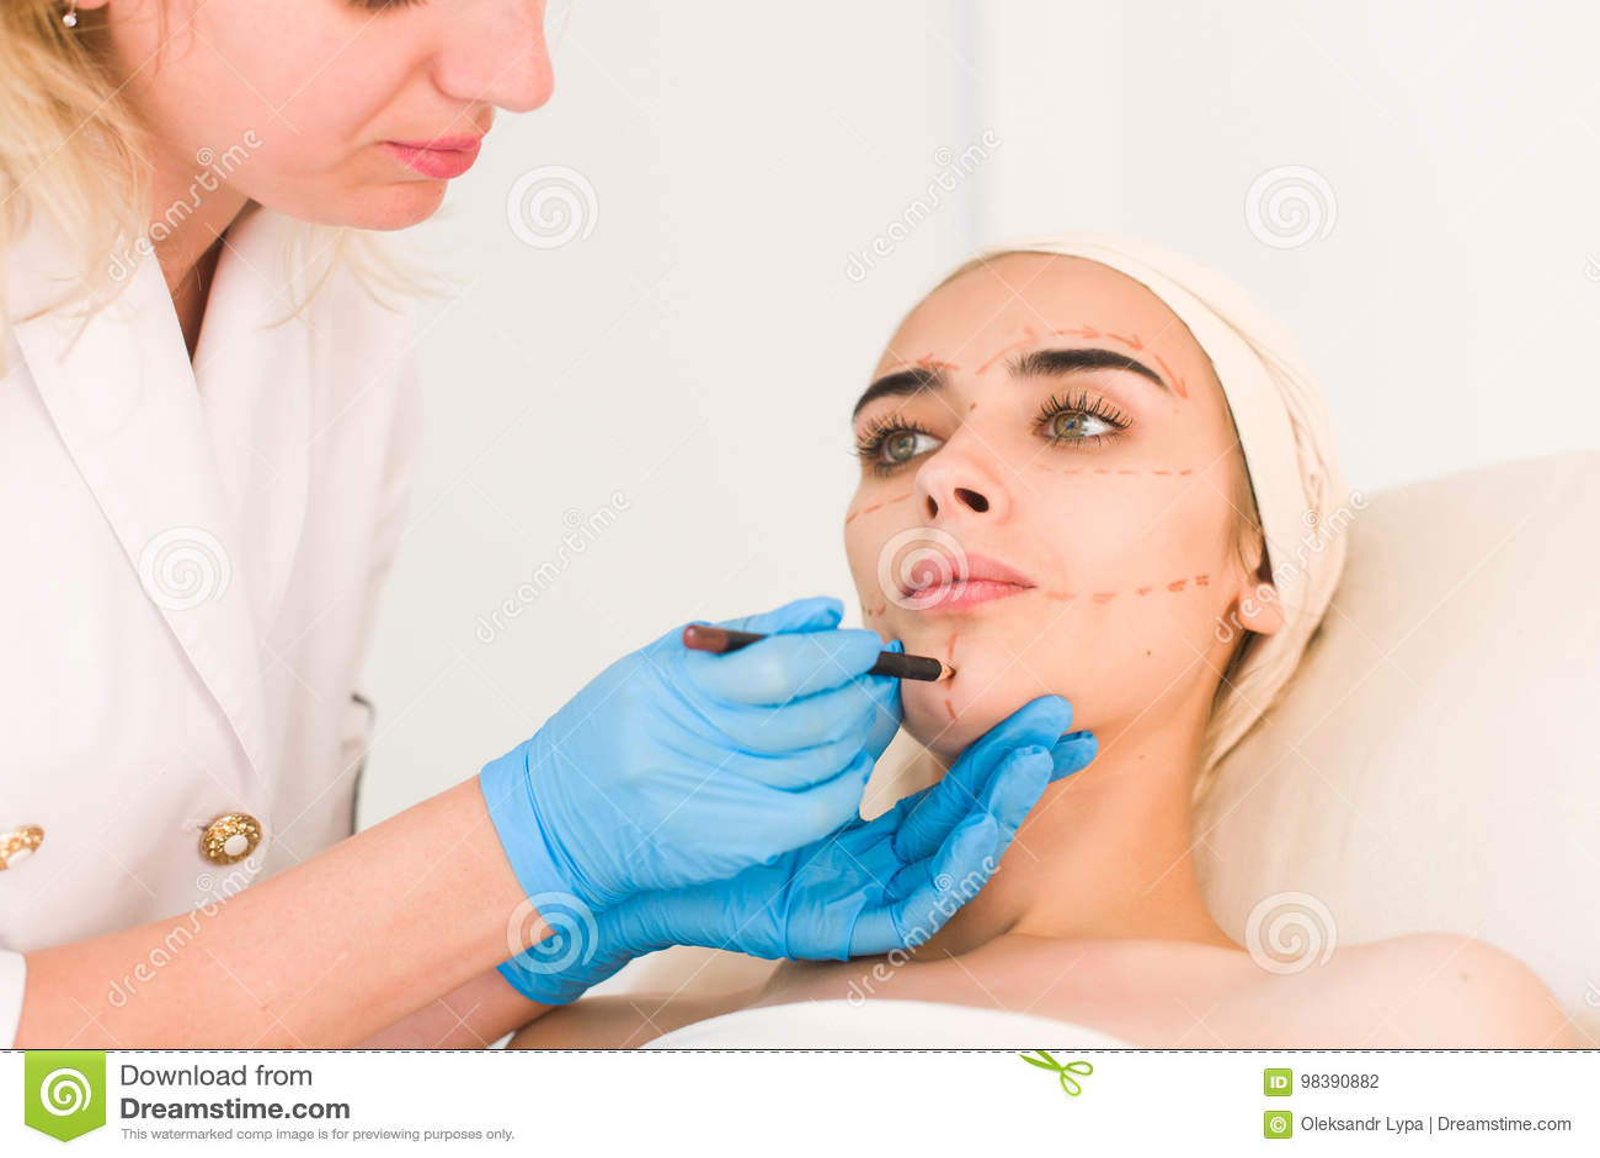 Doktorskie rysunek oceny na żeńskiej twarzy